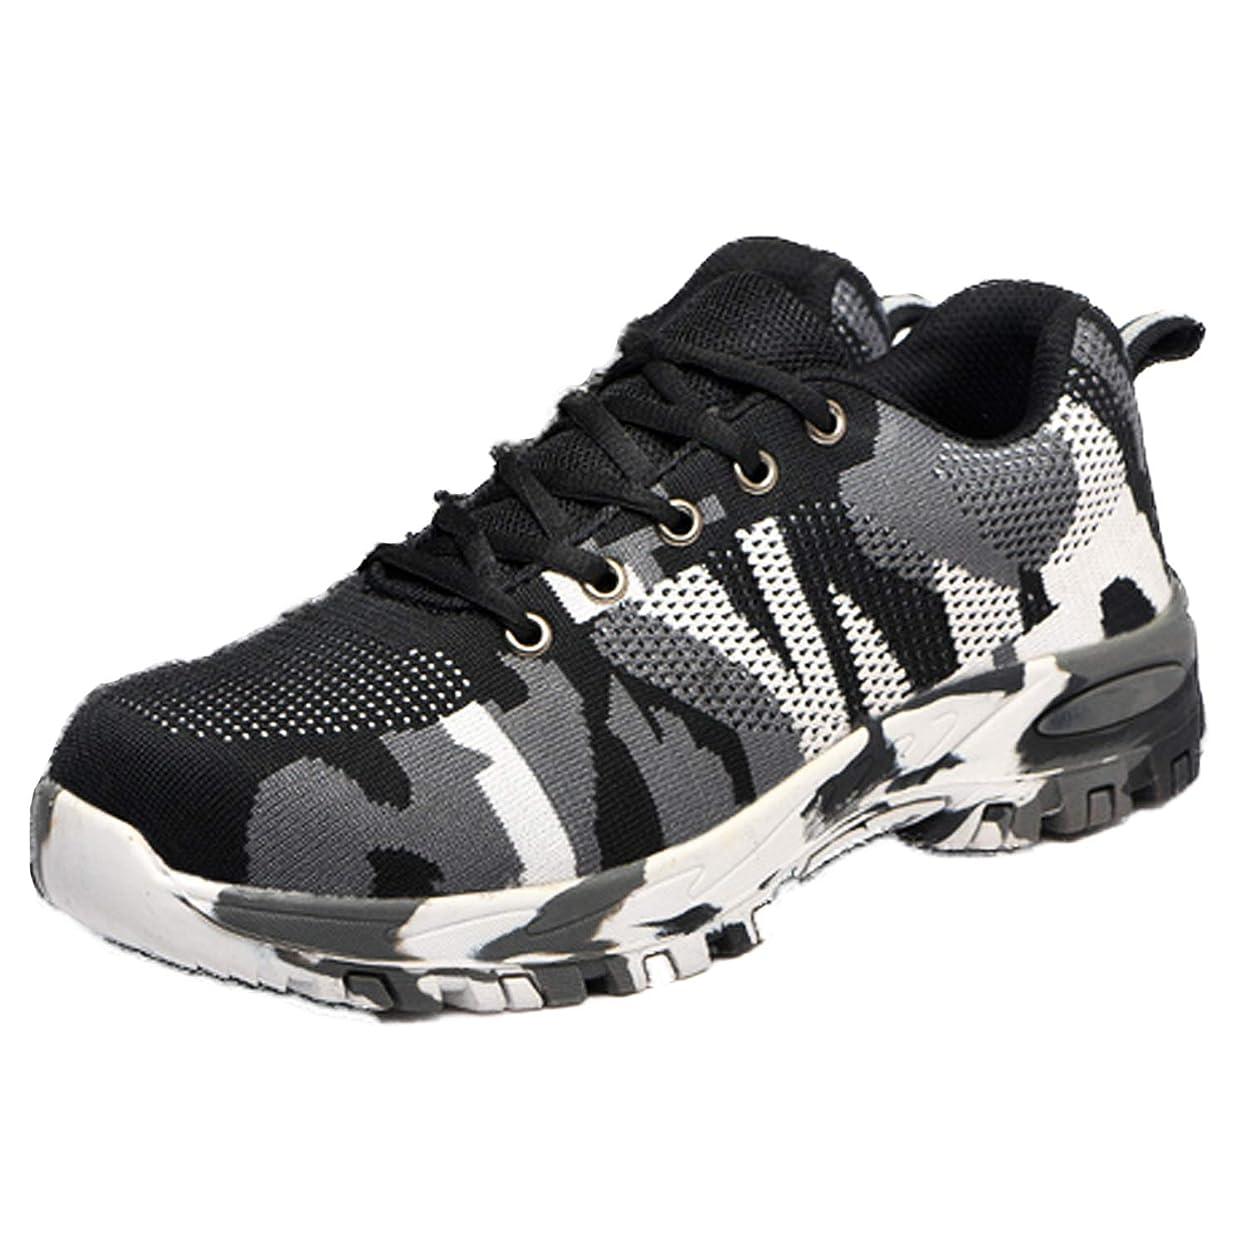 慣性バイオリニスト巻き戻す[モデルノ ラ テール] 迷彩 安全 靴 ロー カット 釘 踏み抜き 防止 作業靴 メンズ ML-AGL